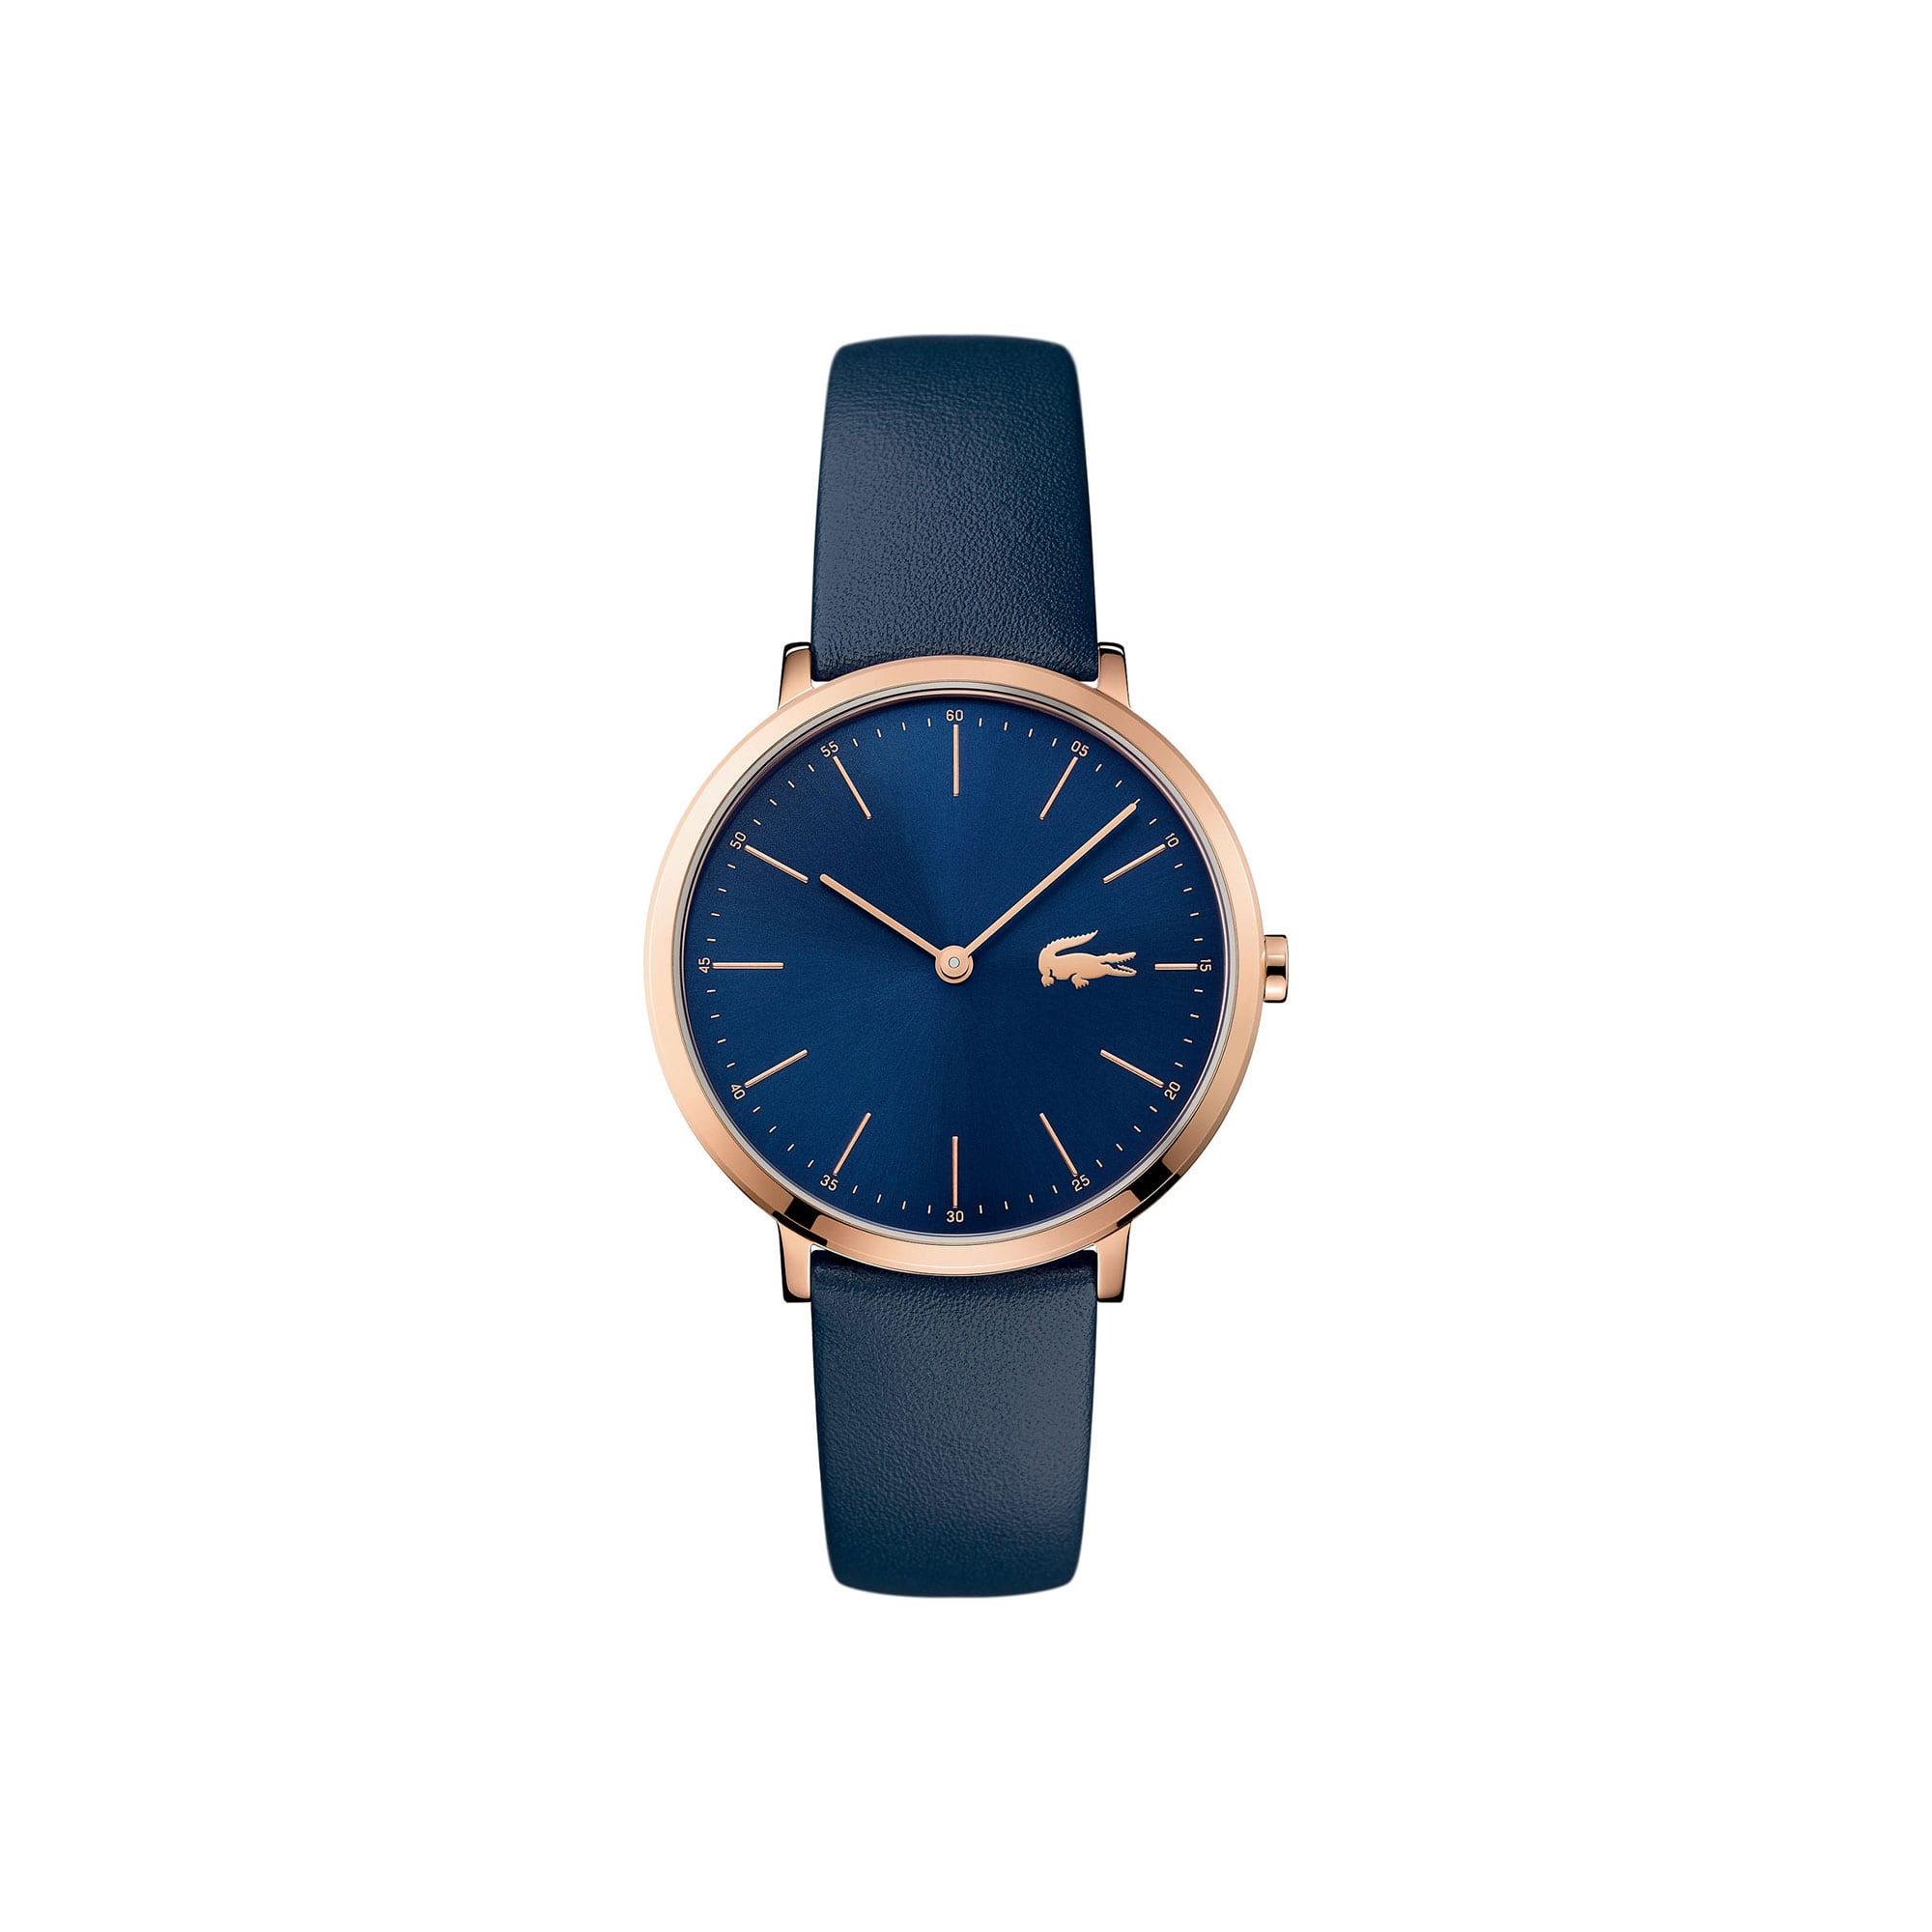 Reloj de Mujer Moon Ultrafino con Correa de Piel Azul